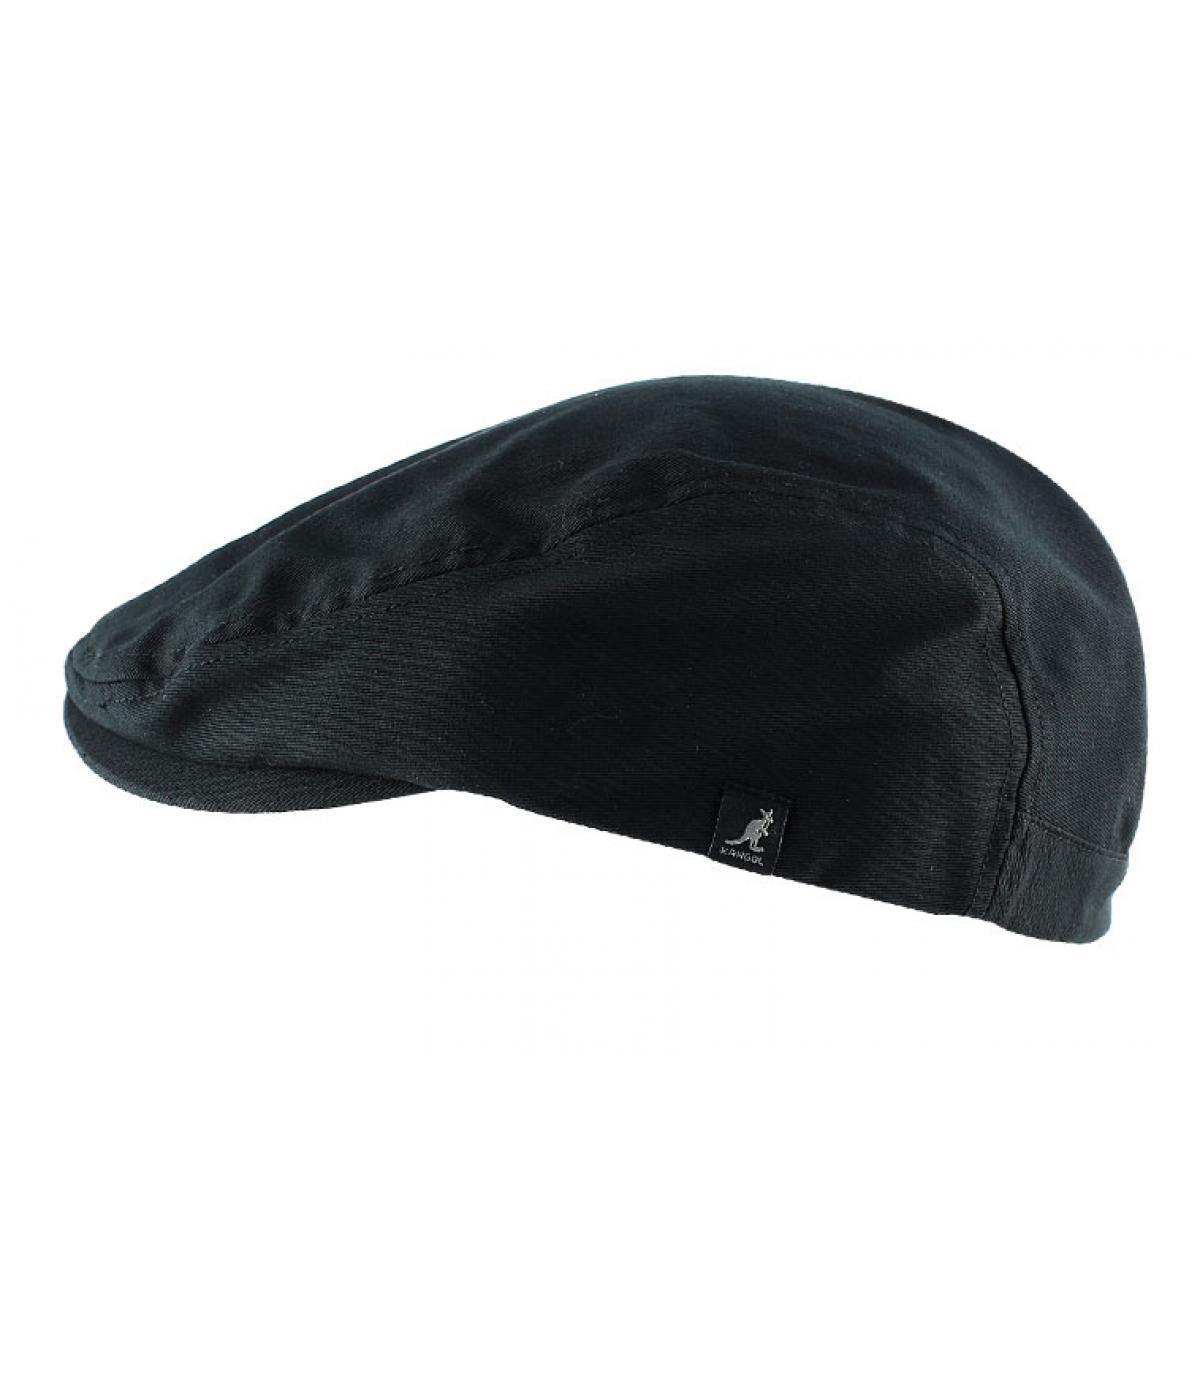 Détails Cotton cap noir - image 2